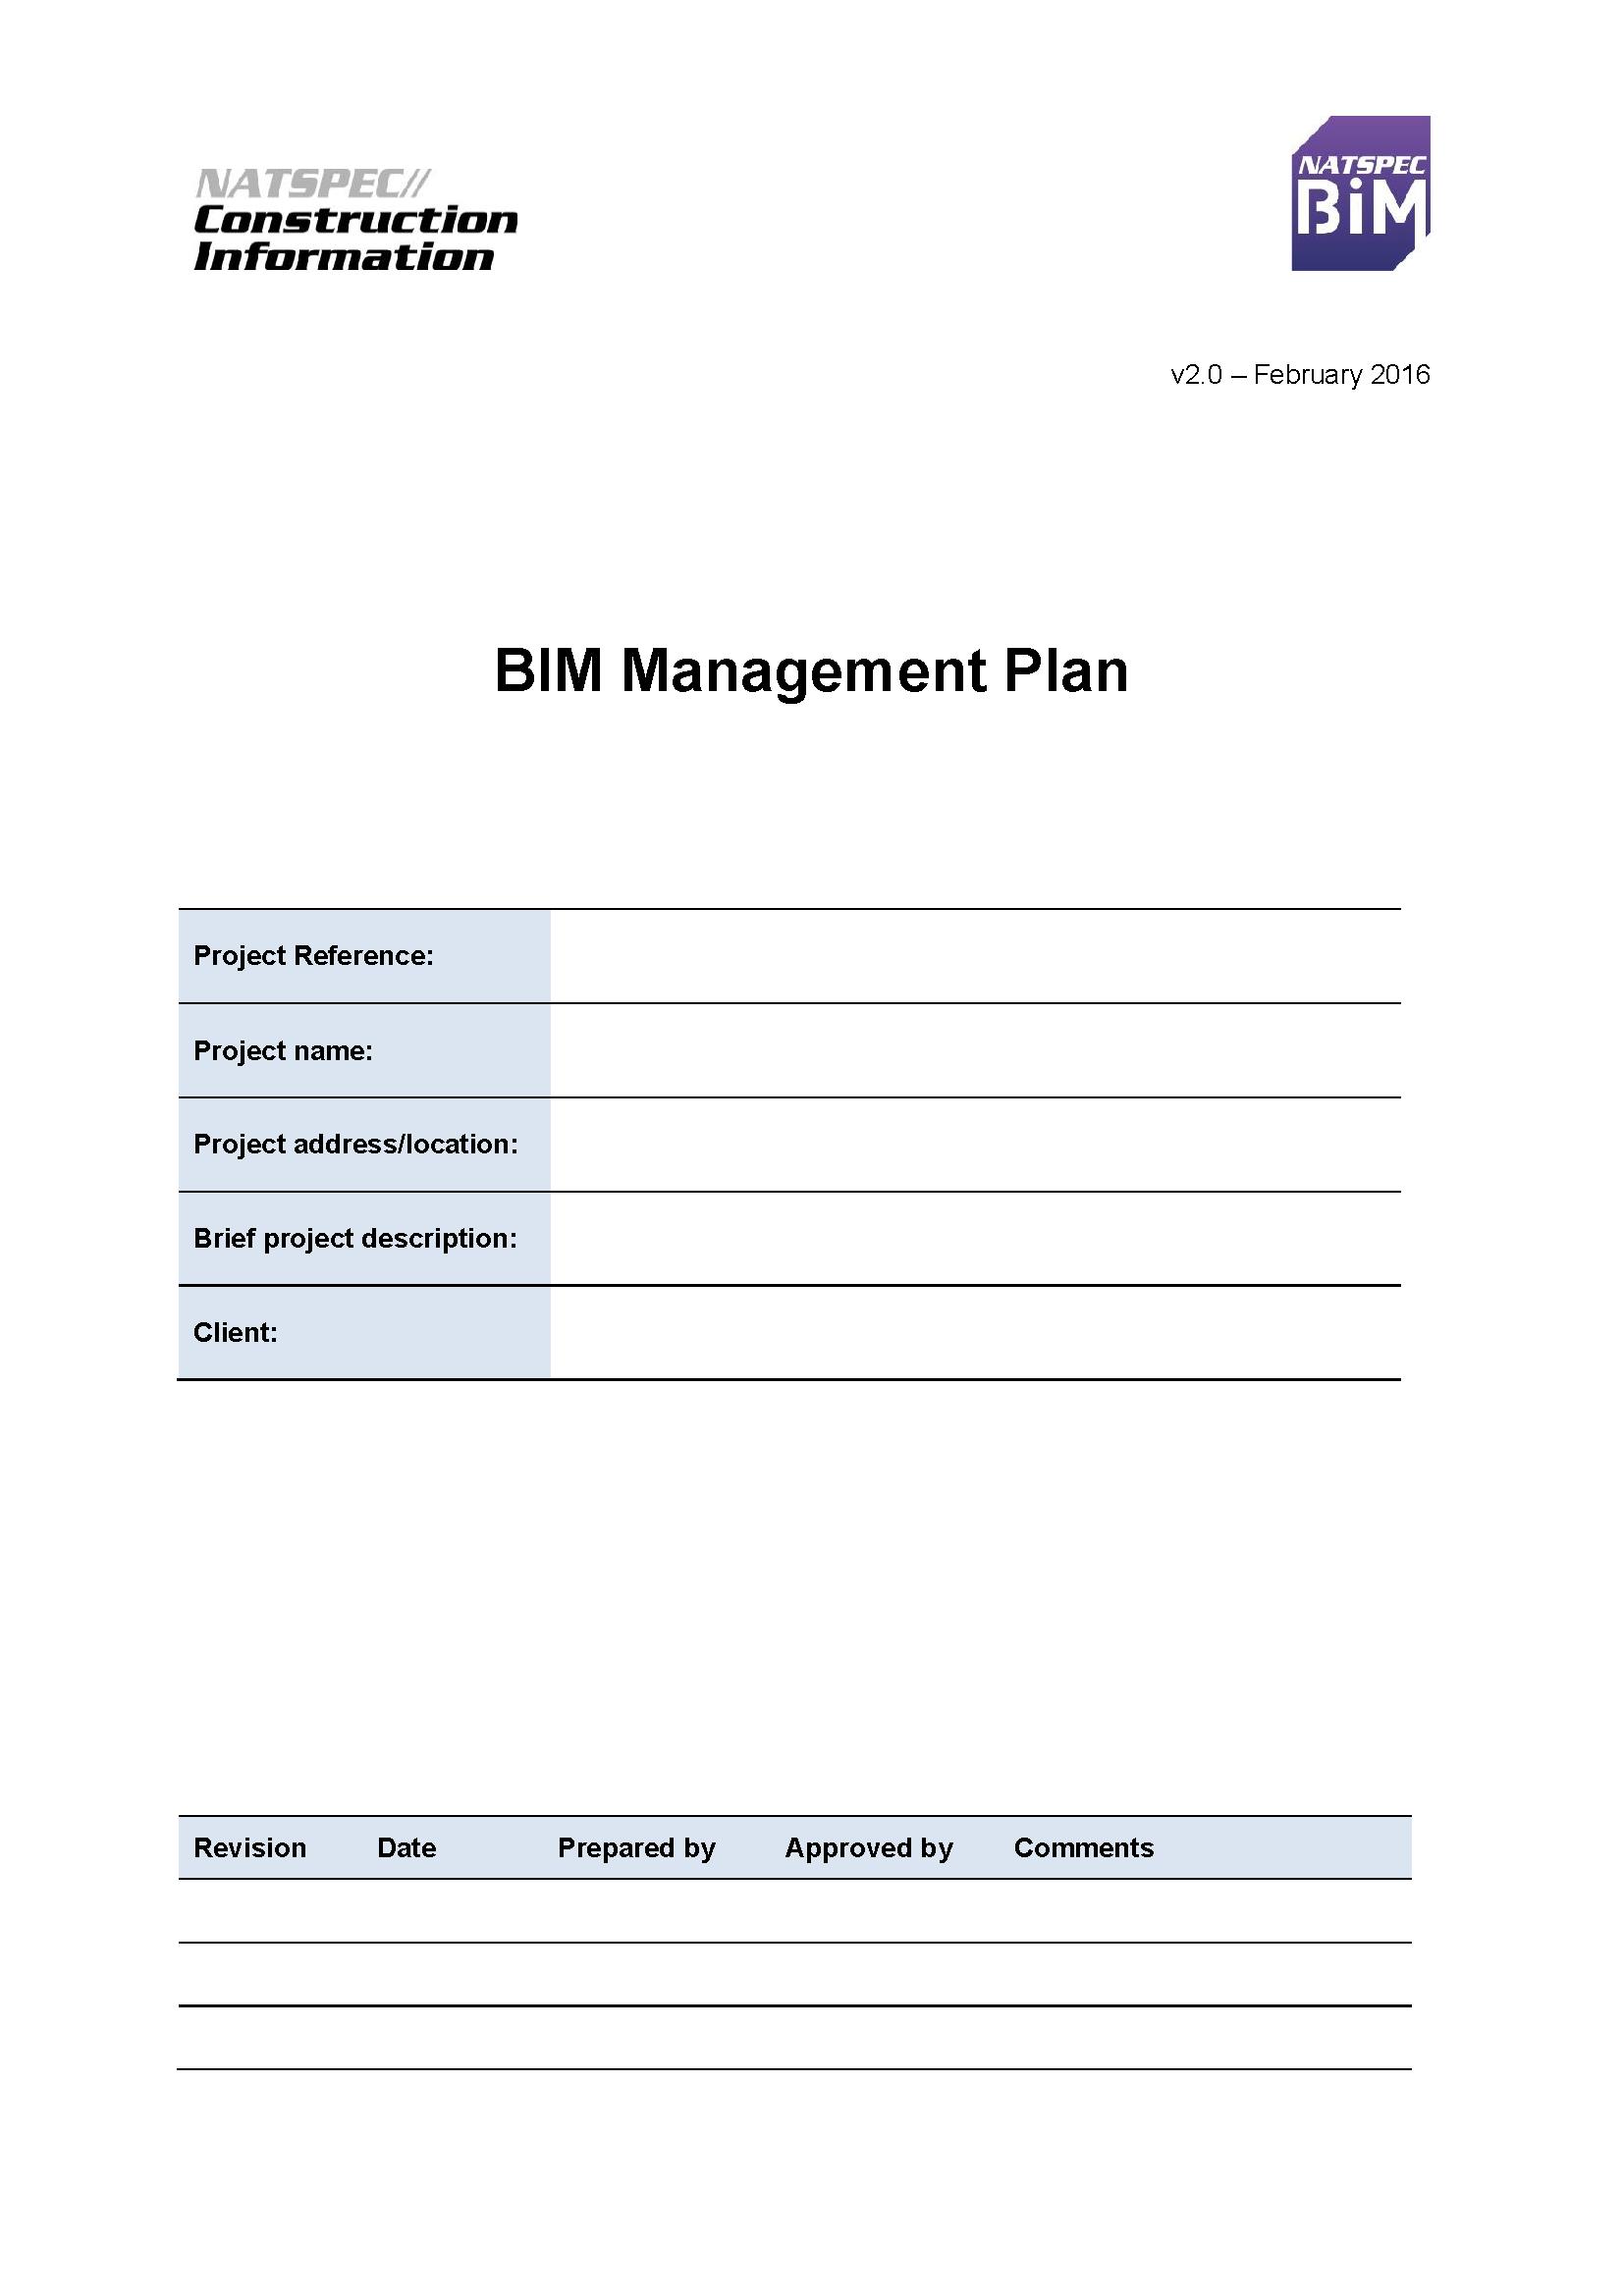 Natspec Bim Bim Management Plan Template